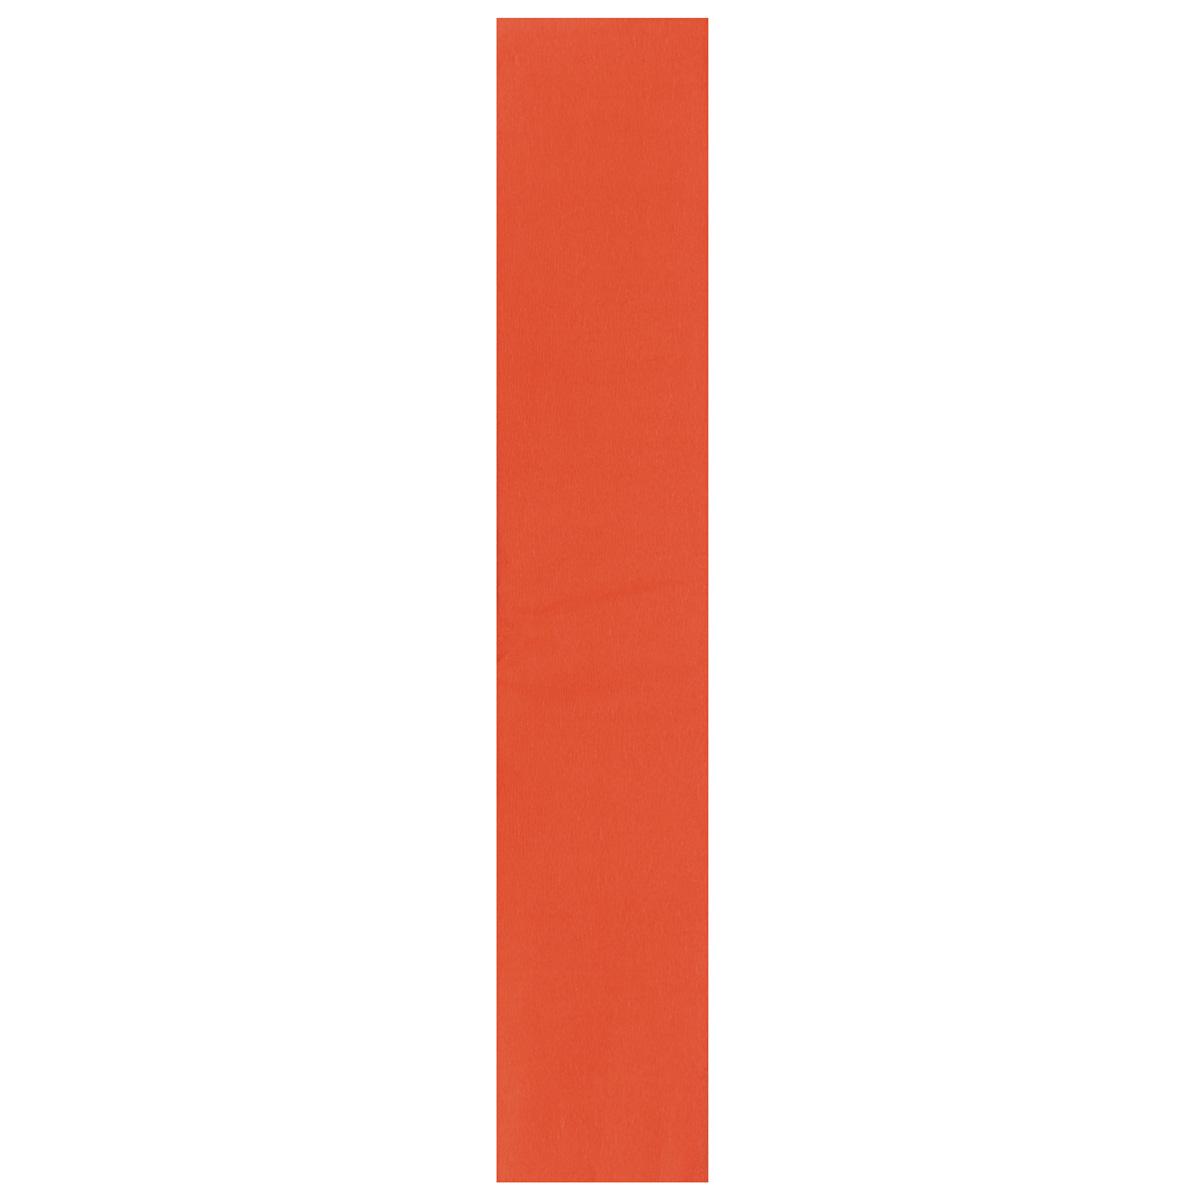 Бумага креповая Folia, цвет: темно-оранжевый (08), 50 см x 2,5 м7704392_08Бумага креповая Folia - прекрасный материал для декорирования, украшения интерьера, изготовления искусственных цветов, эффектной упаковки и различных поделок. Бумага прекрасно держит форму, отлично крепится и замечательно подходит для изготовления праздничной упаковки для цветов.